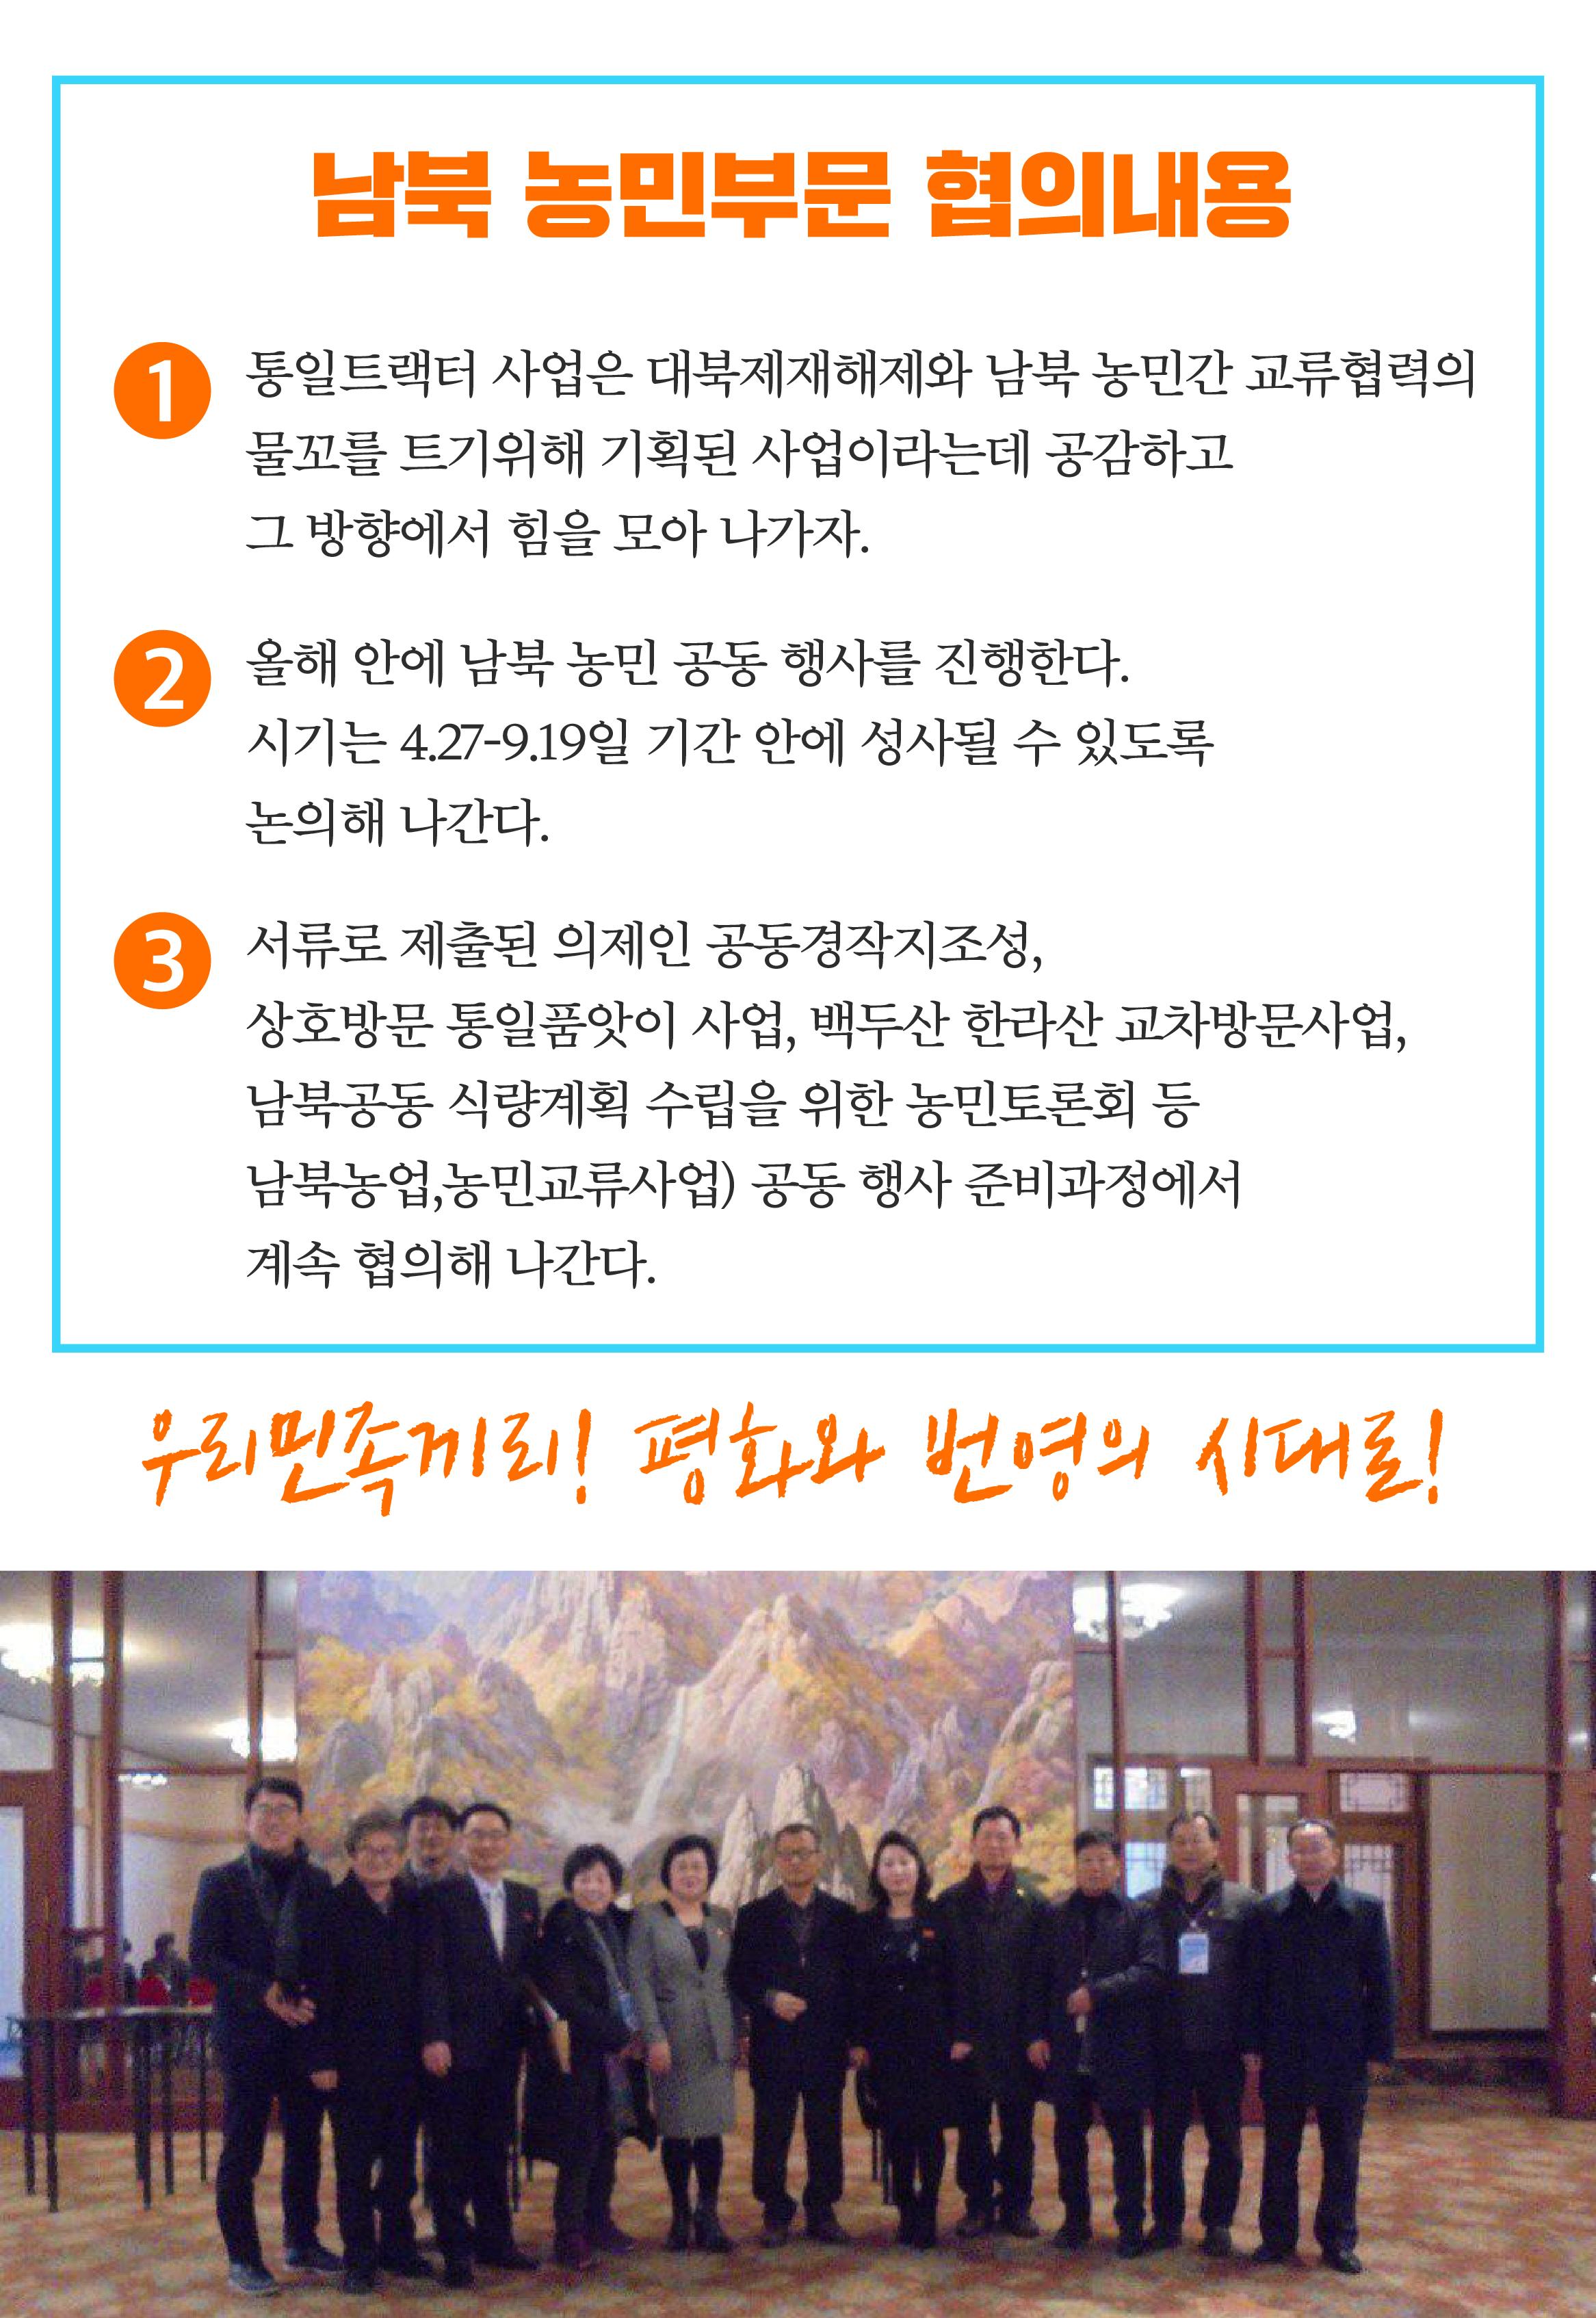 통일농업 카드뉴스 3호-03.jpg